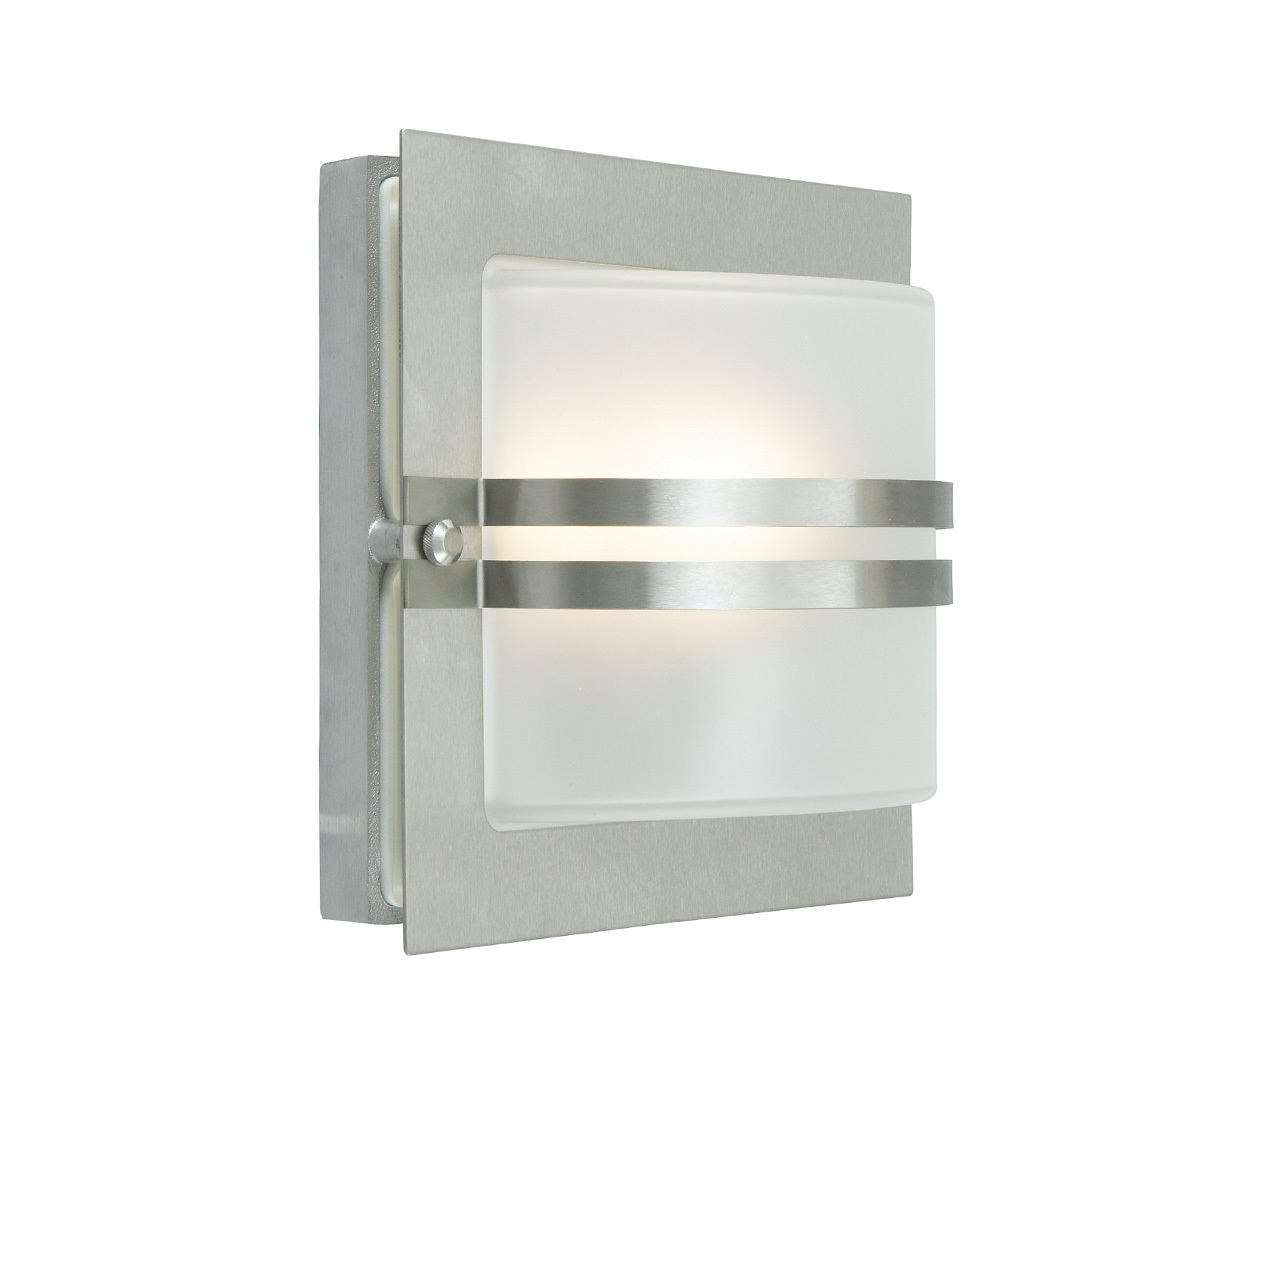 Lampa ścienna BERN LED 657ST -Norlys  SPRAWDŹ RABATY  5-10-15-20 % w koszyku